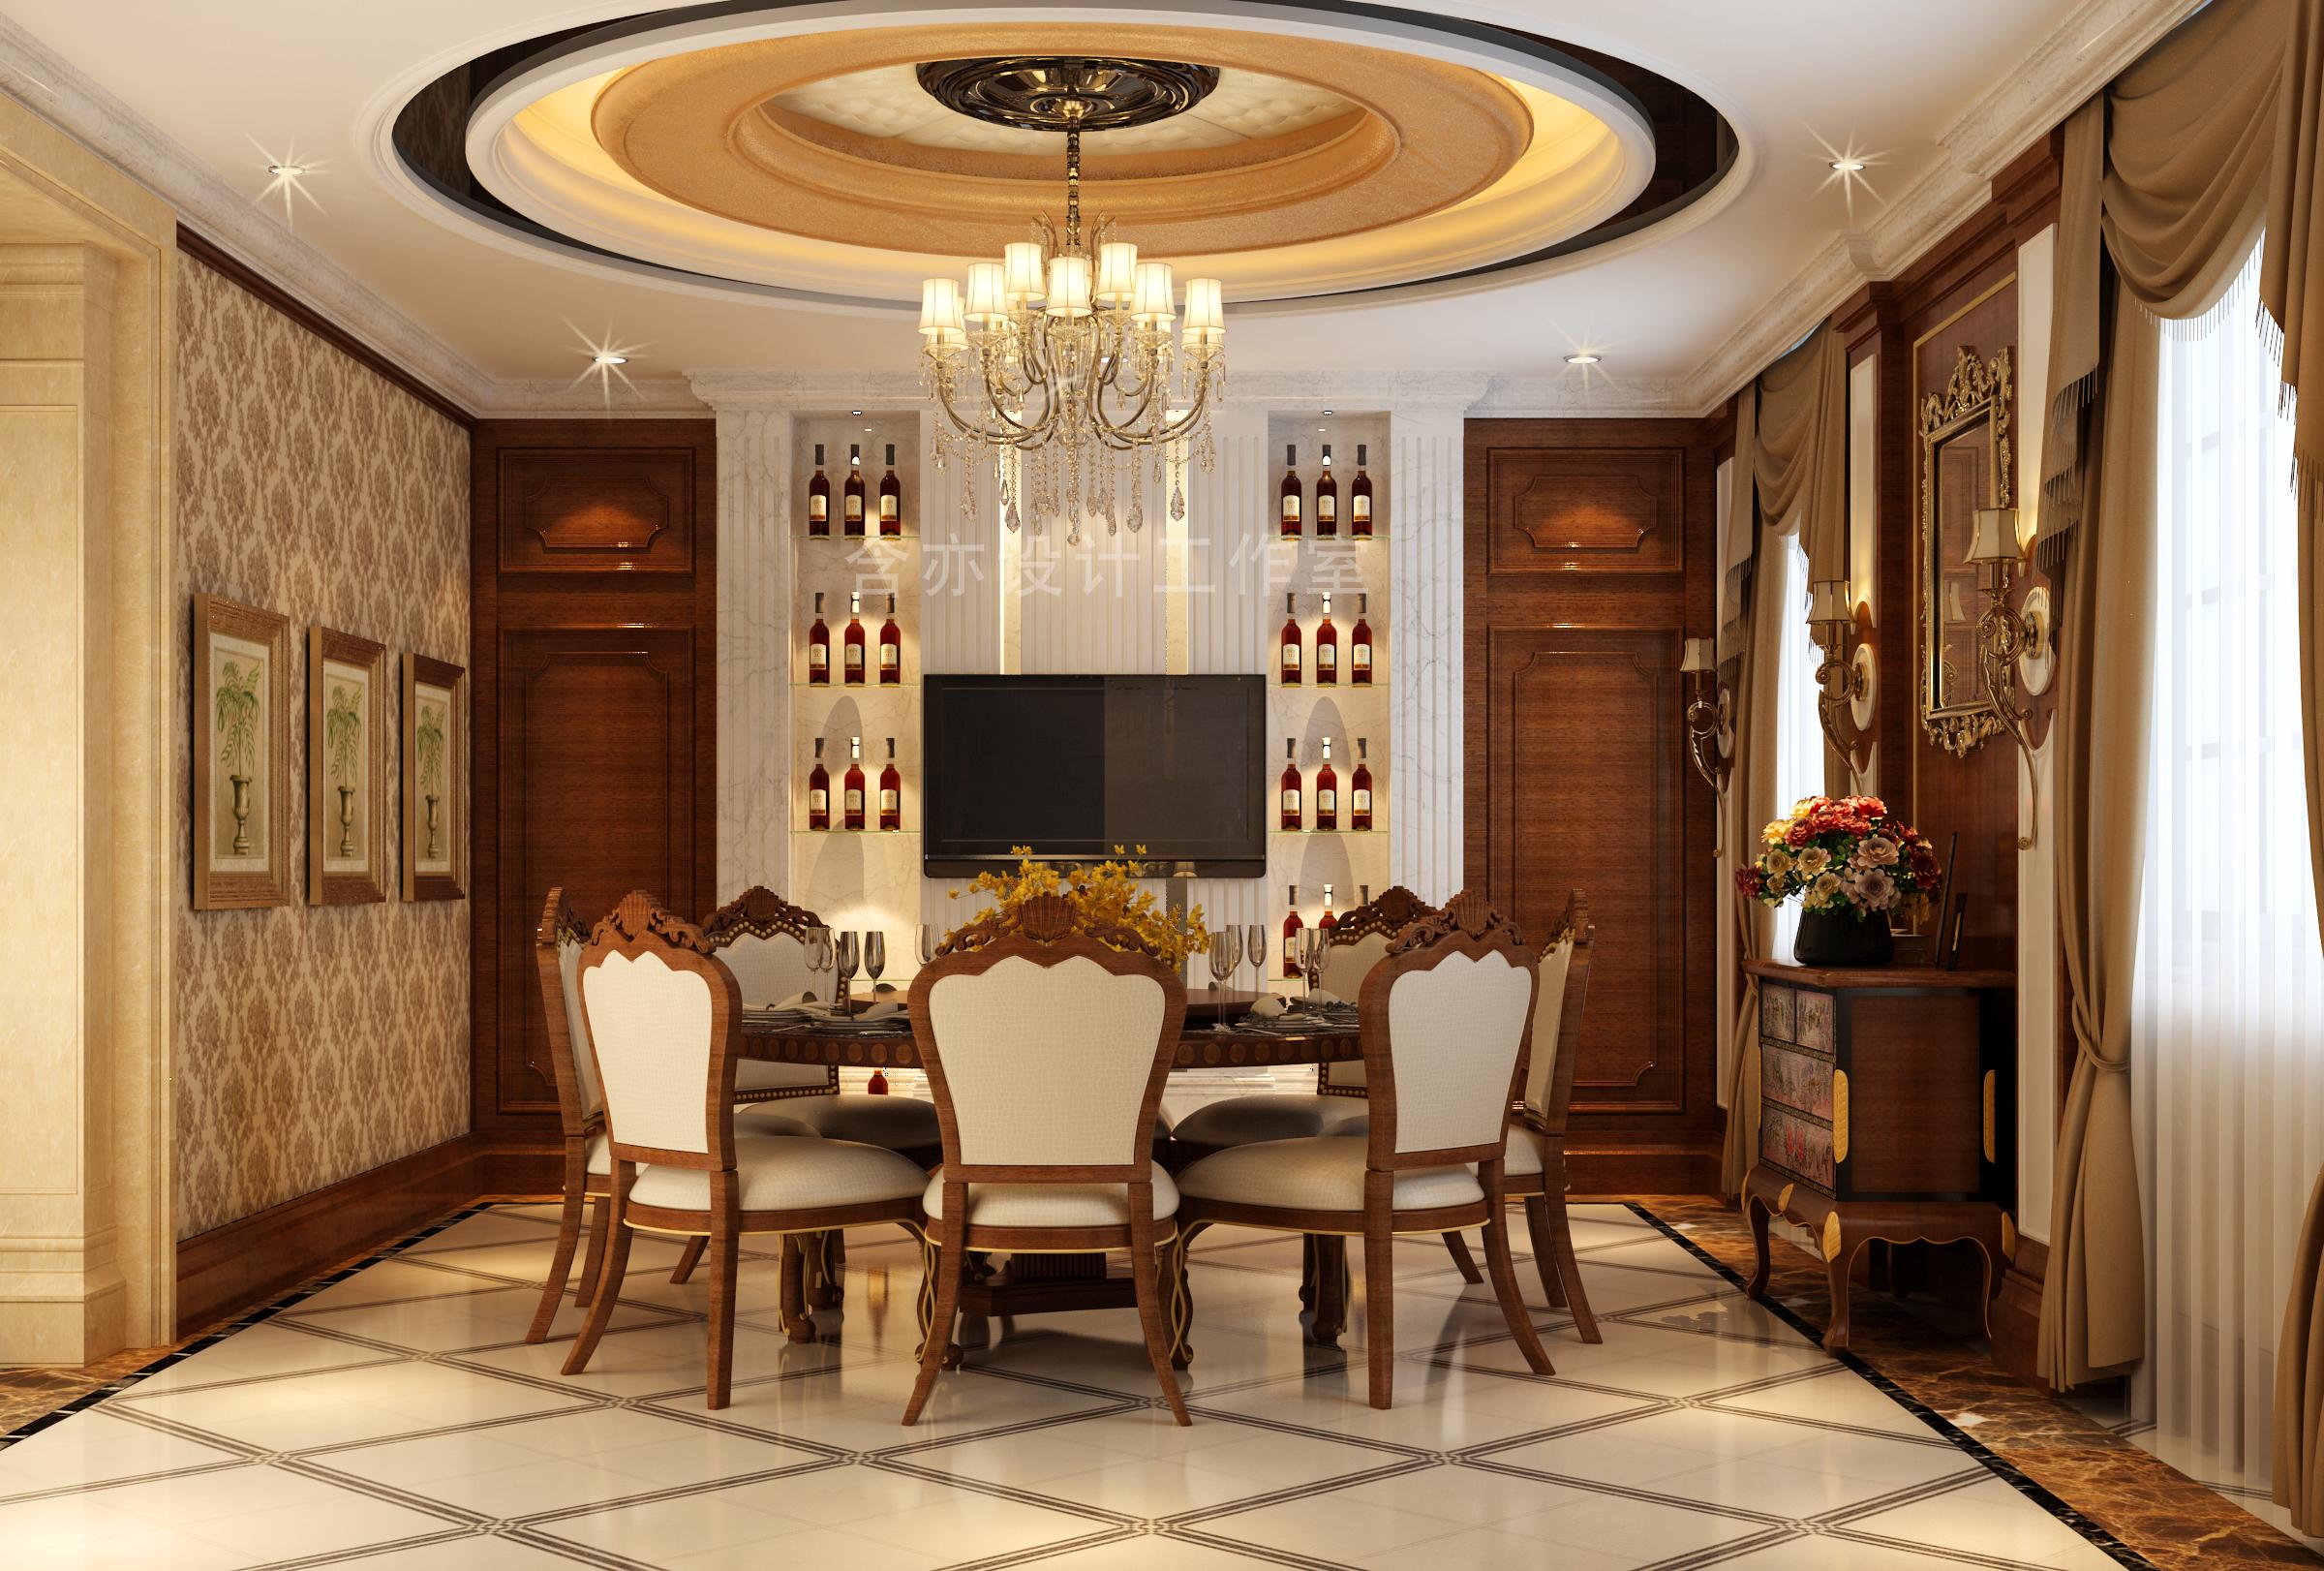 欧式 别墅 室内设计 太原设计师 餐厅图片来自王含亦在绛县别墅的分享